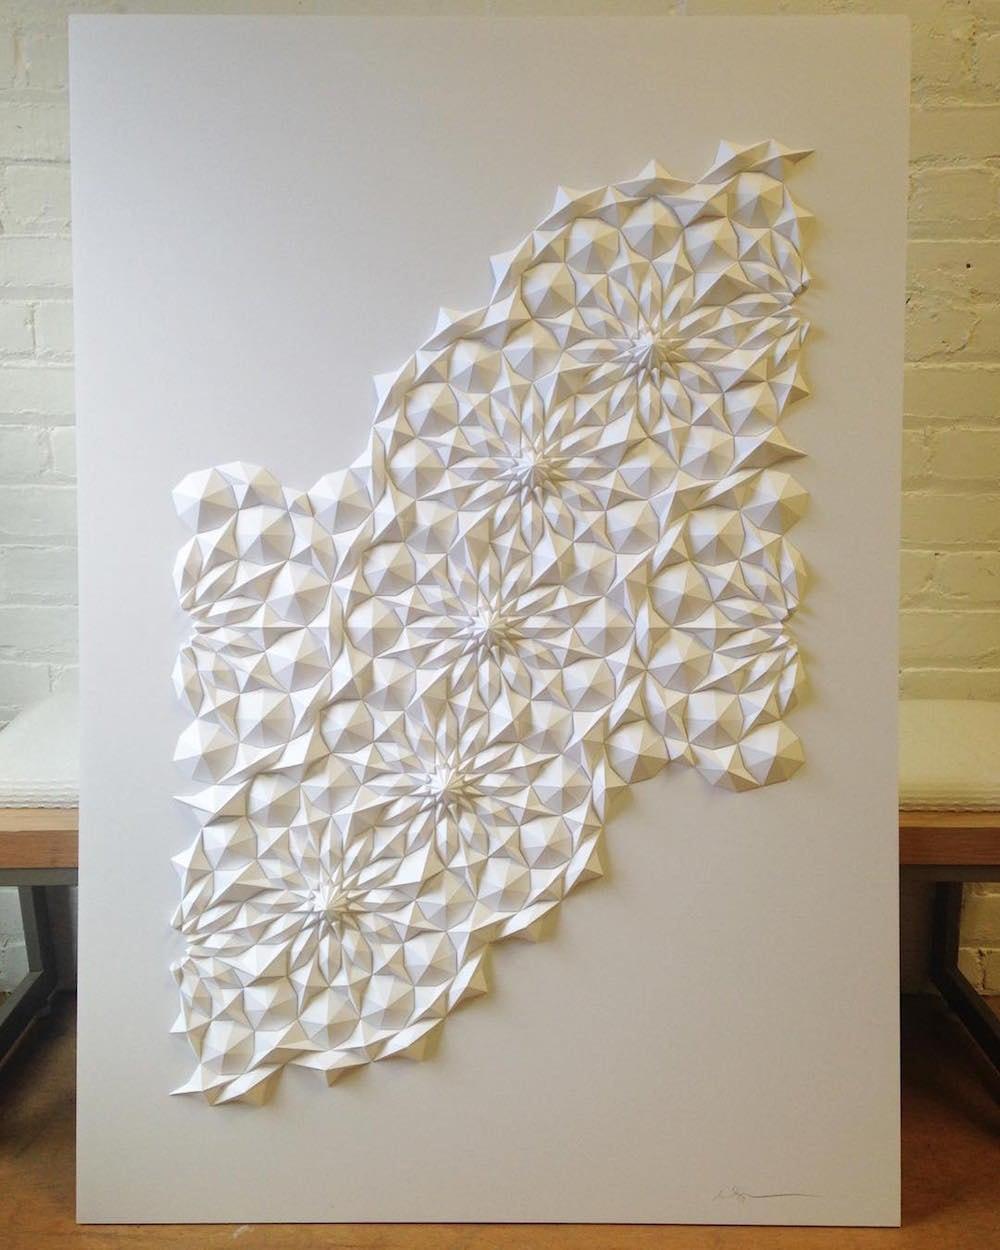 geometric paper sculptures matthew shlian fy 5